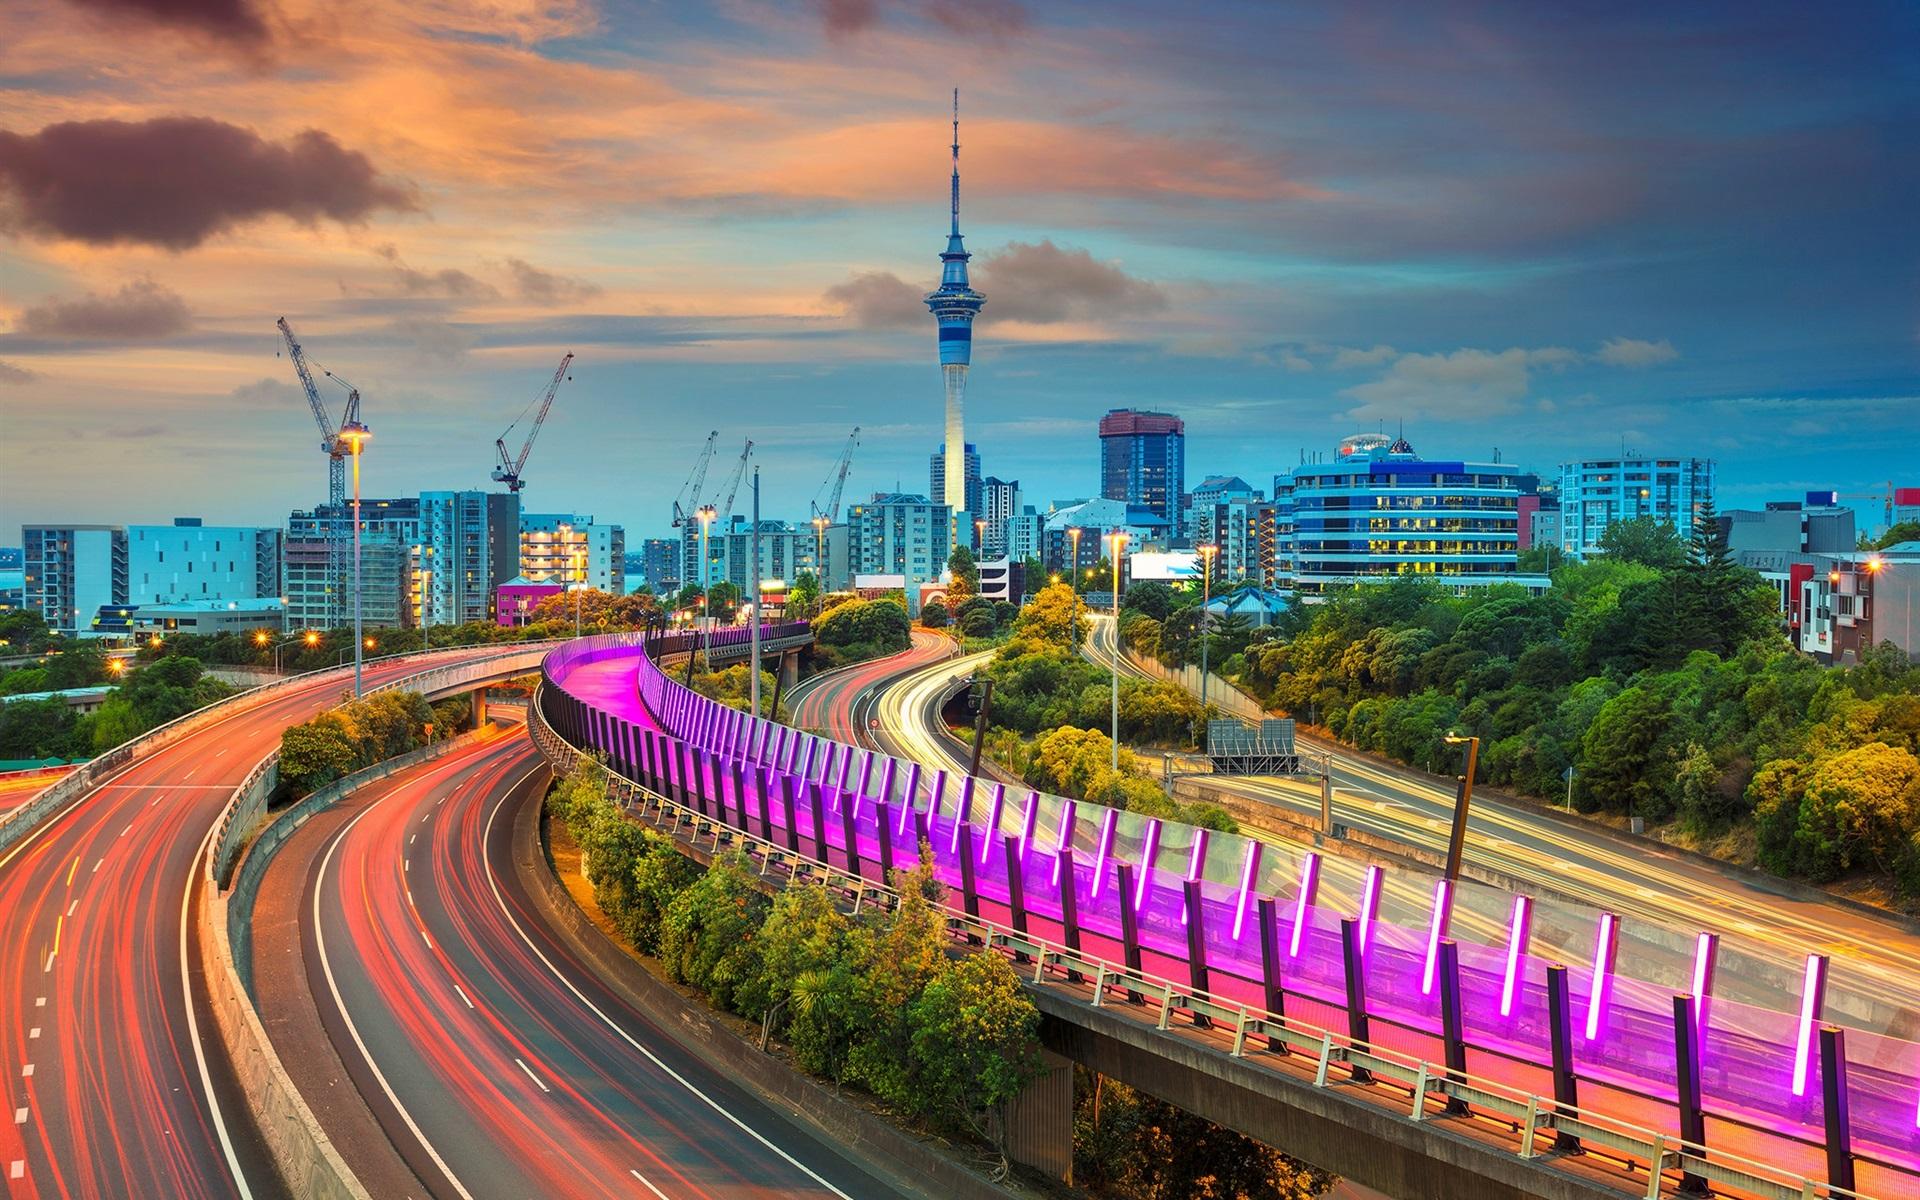 Pelaku Penembakan New Zealand Wallpaper: Fonds D'écran Auckland, Nouvelle-Zélande, Routes, Lumières